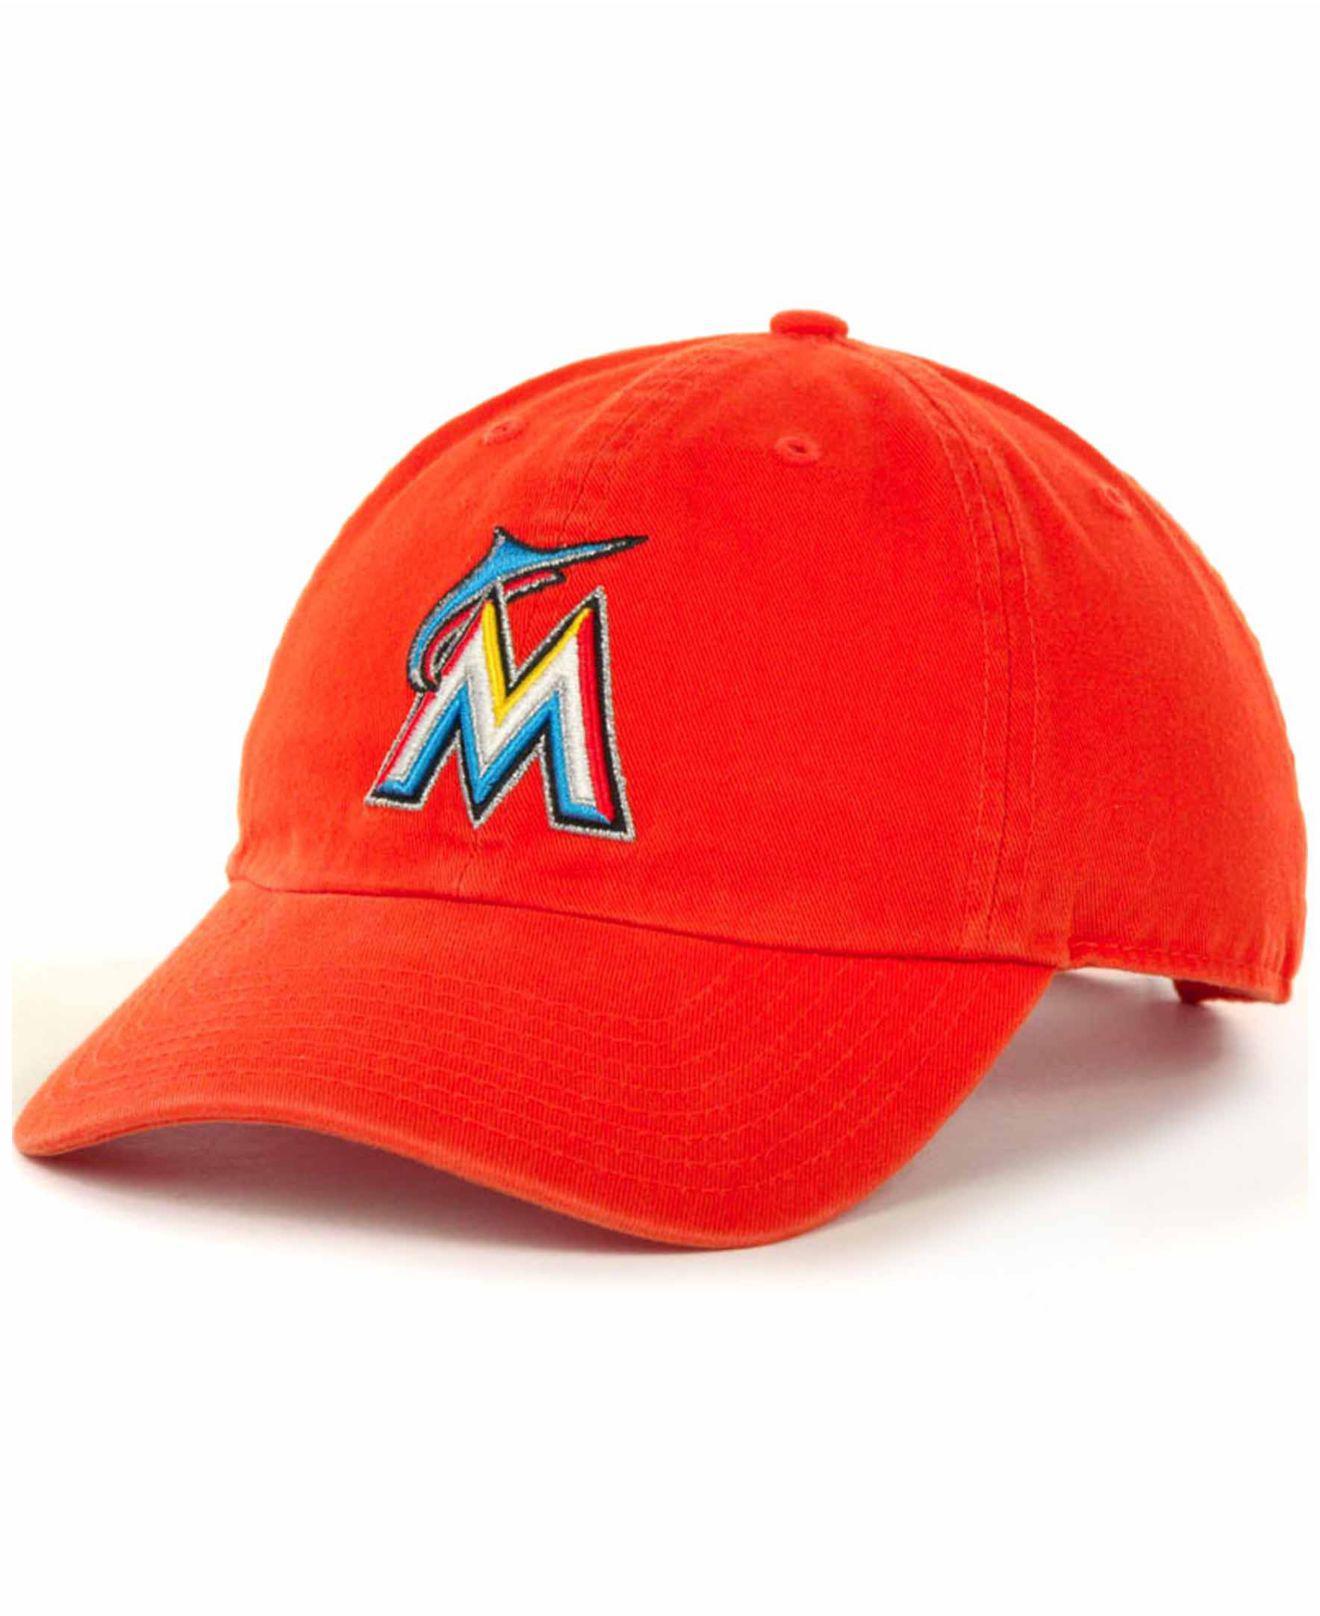 new arrivals f6695 fa648 ... mlb glimmer snapback baseball cap d9fbd 48b3d  order 47 brand. mens  orange miami marlins clean up hat 1a65d 85f00